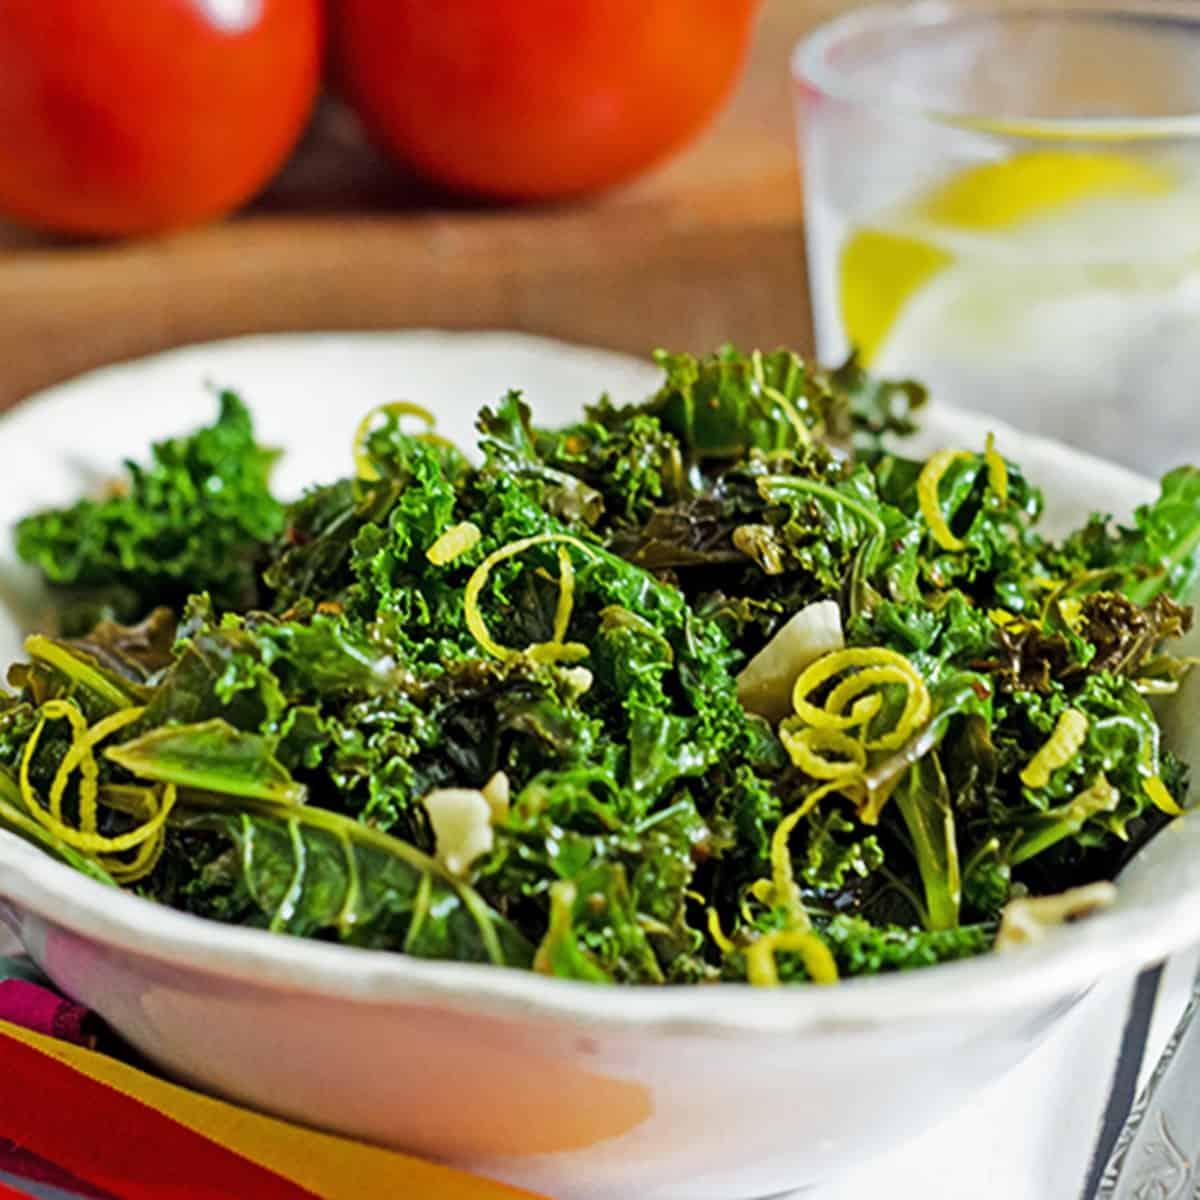 Serving bowl of steamed kale.